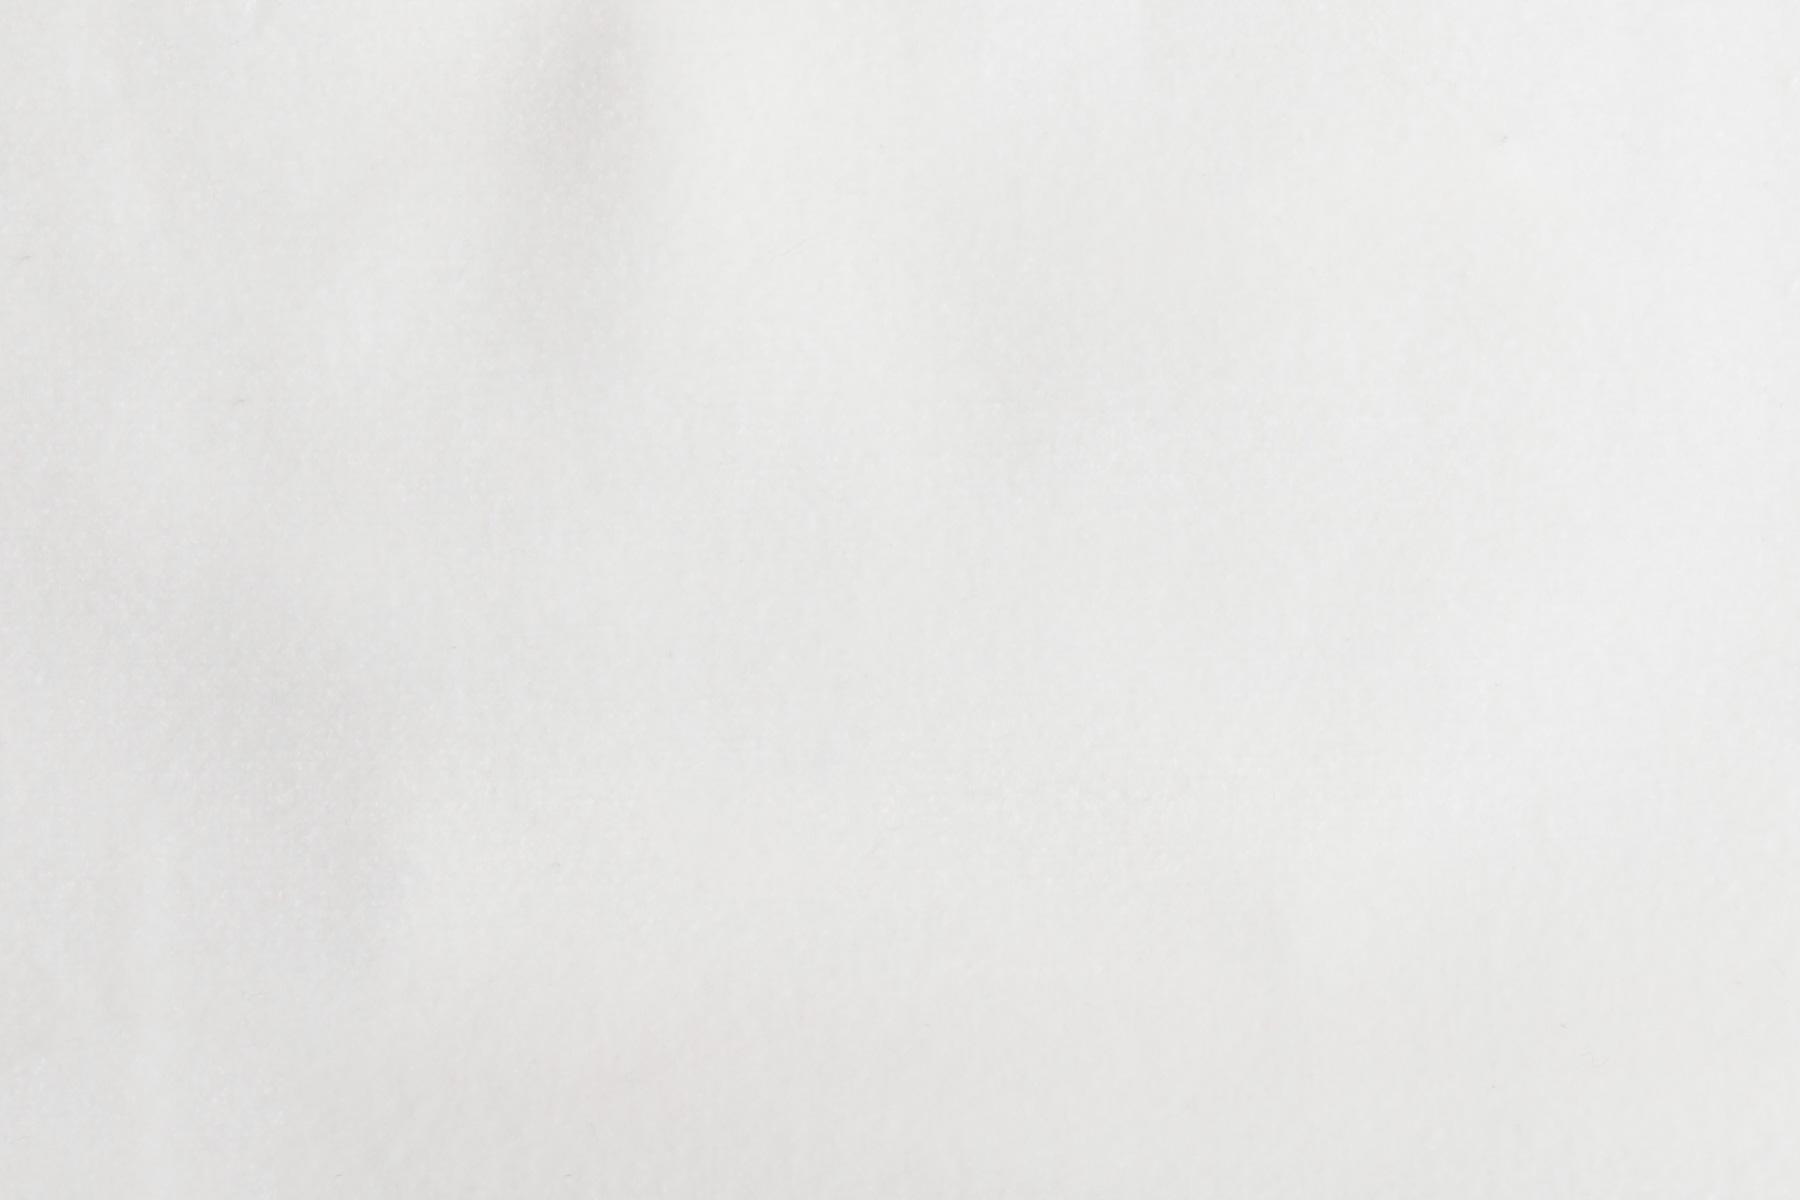 Fabric RADIANCE VELVET WHITE by Koket